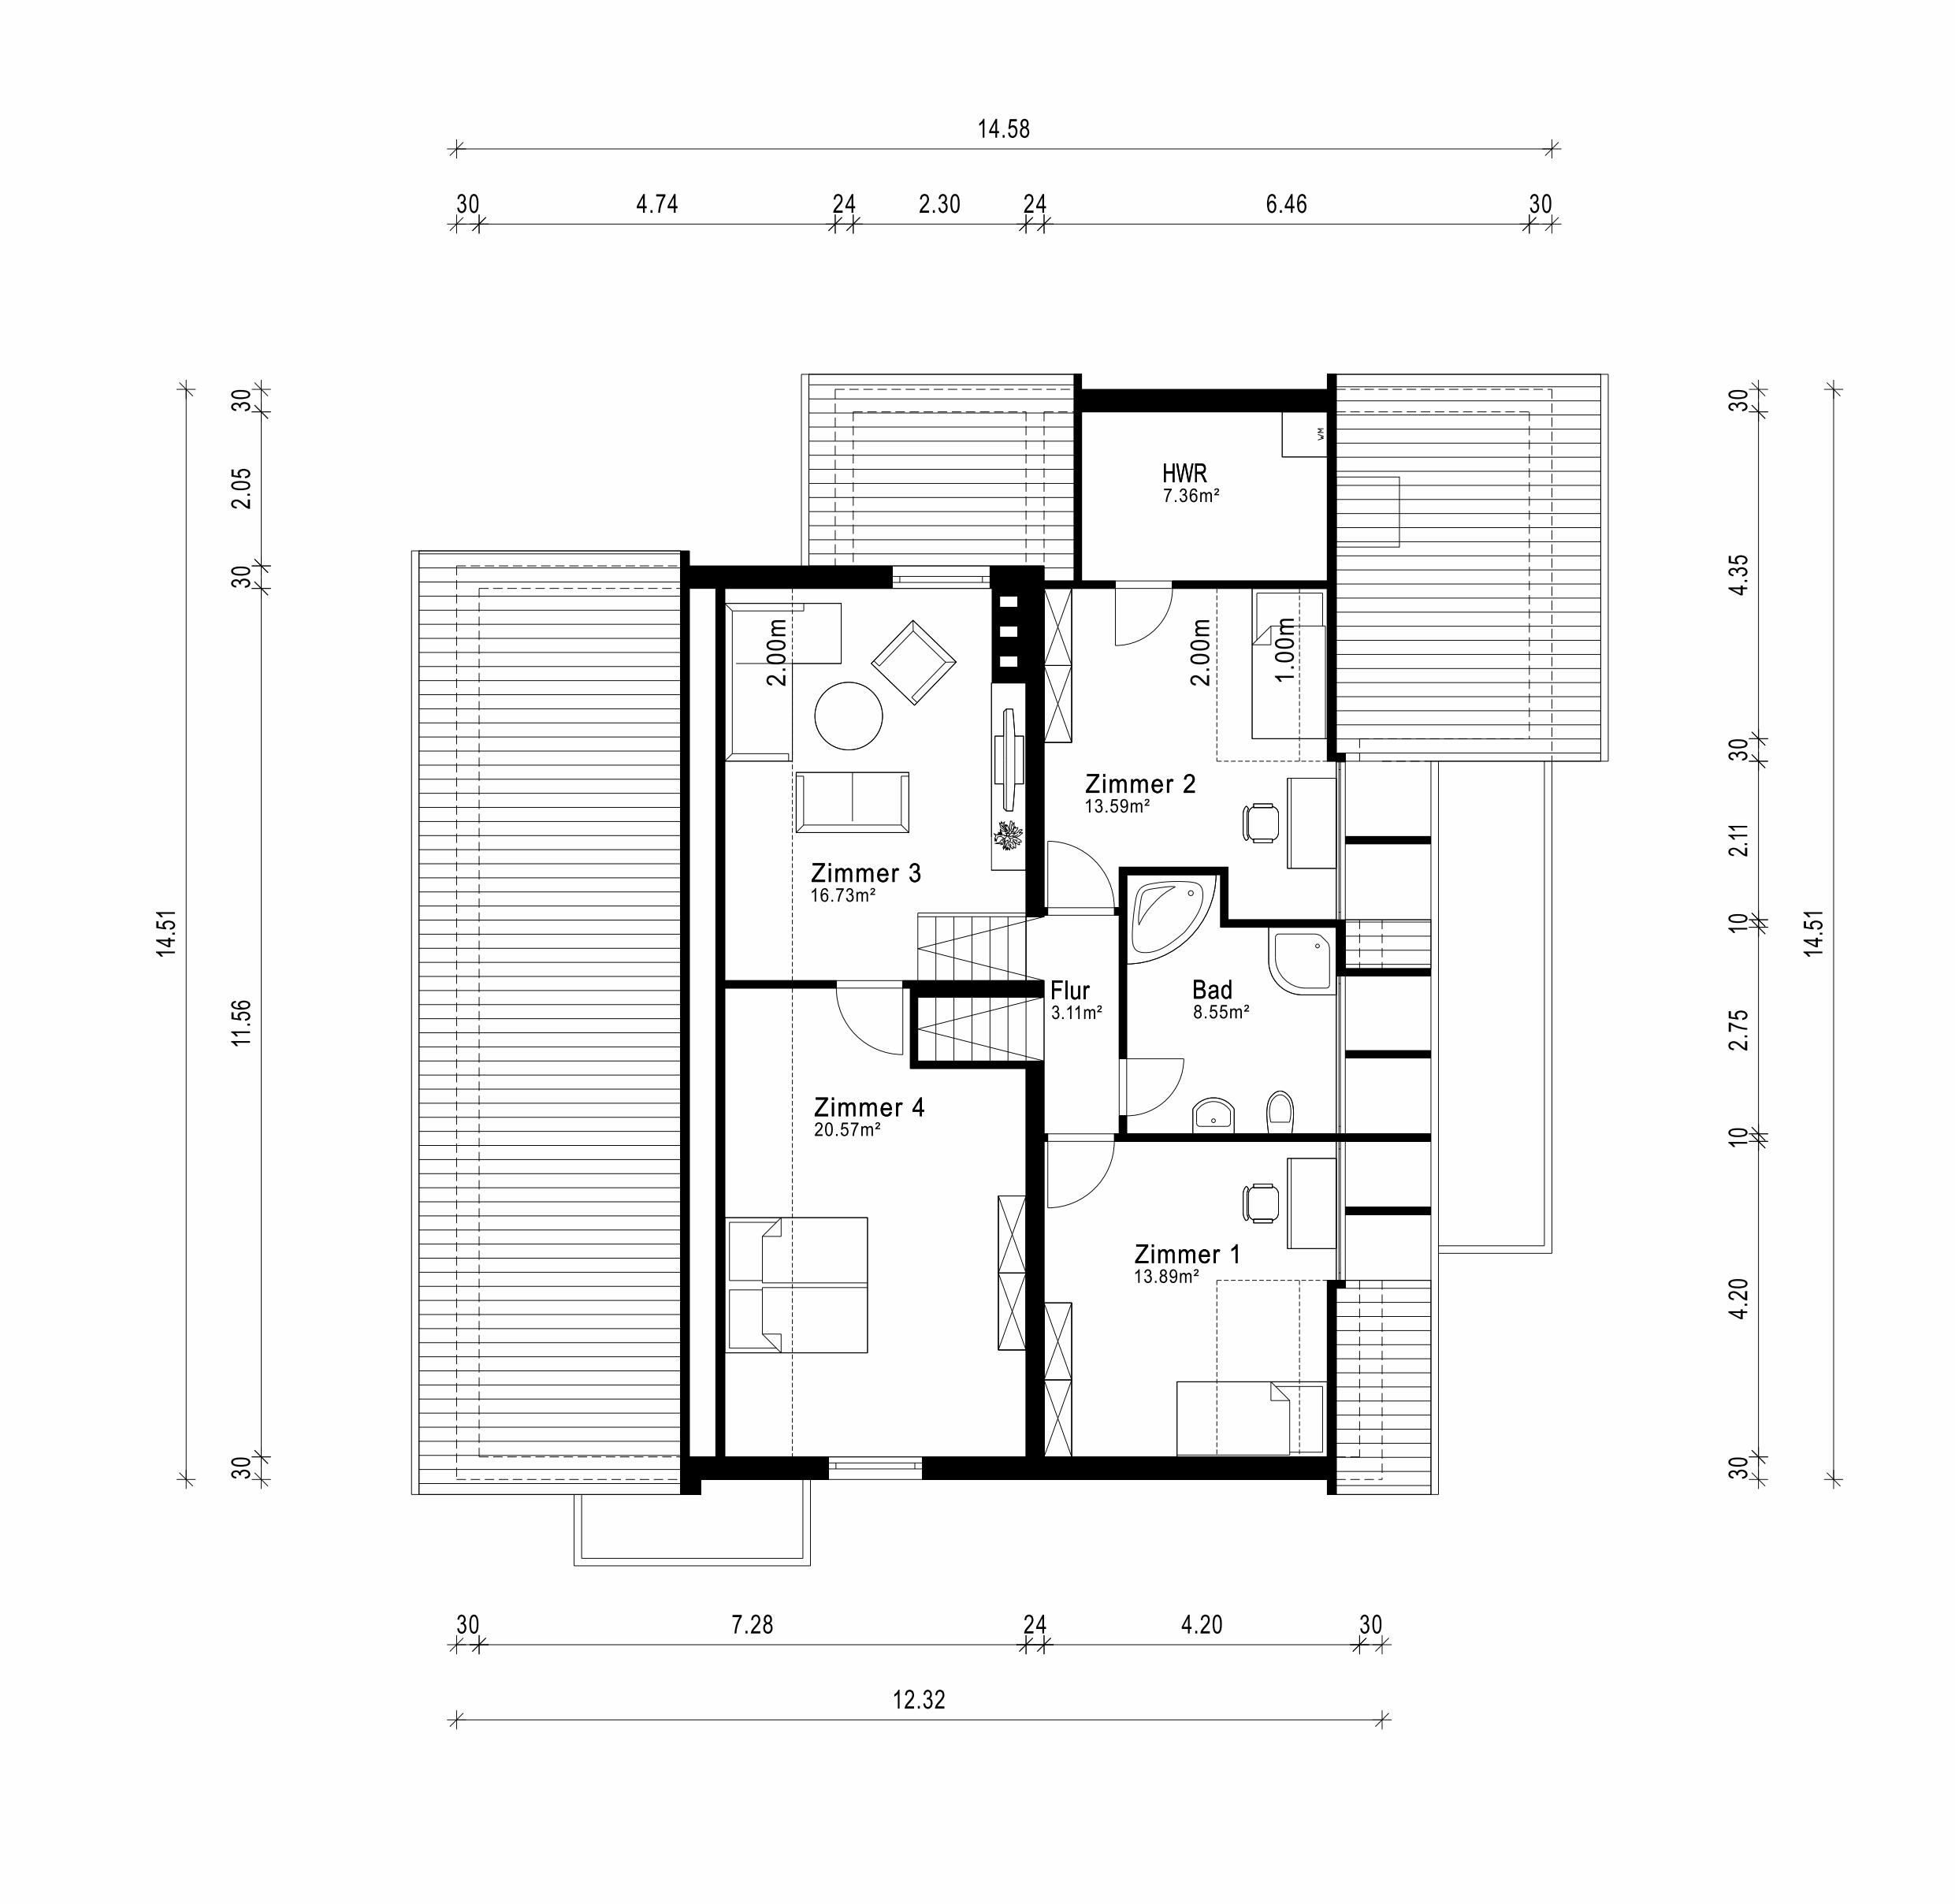 Grundriss Wohnebene 2 und 3